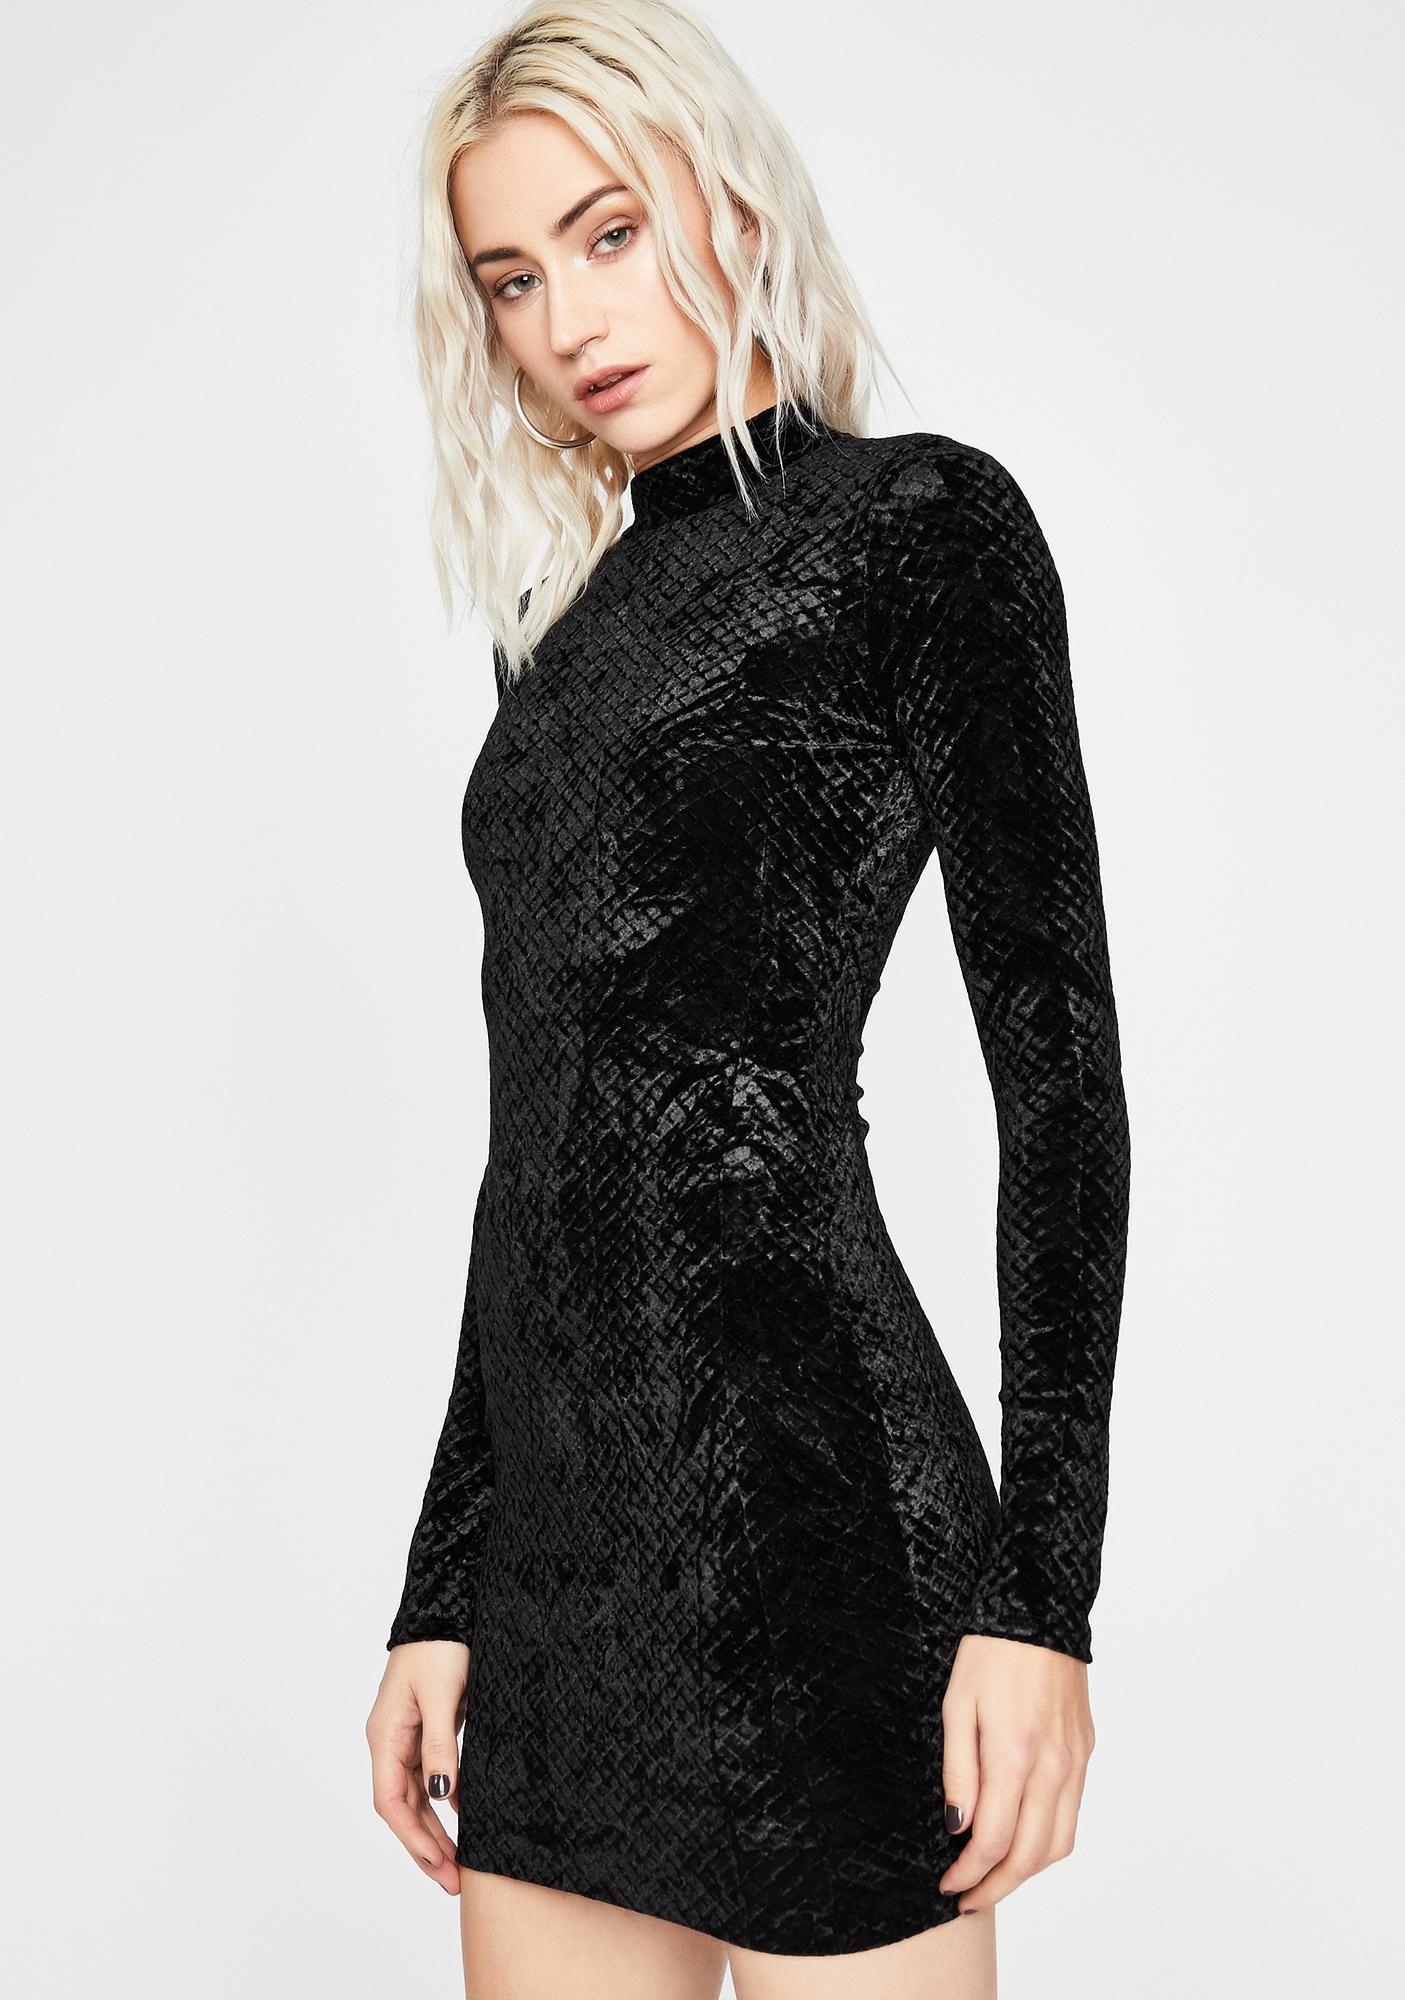 Reign Of Love Velvet Dress